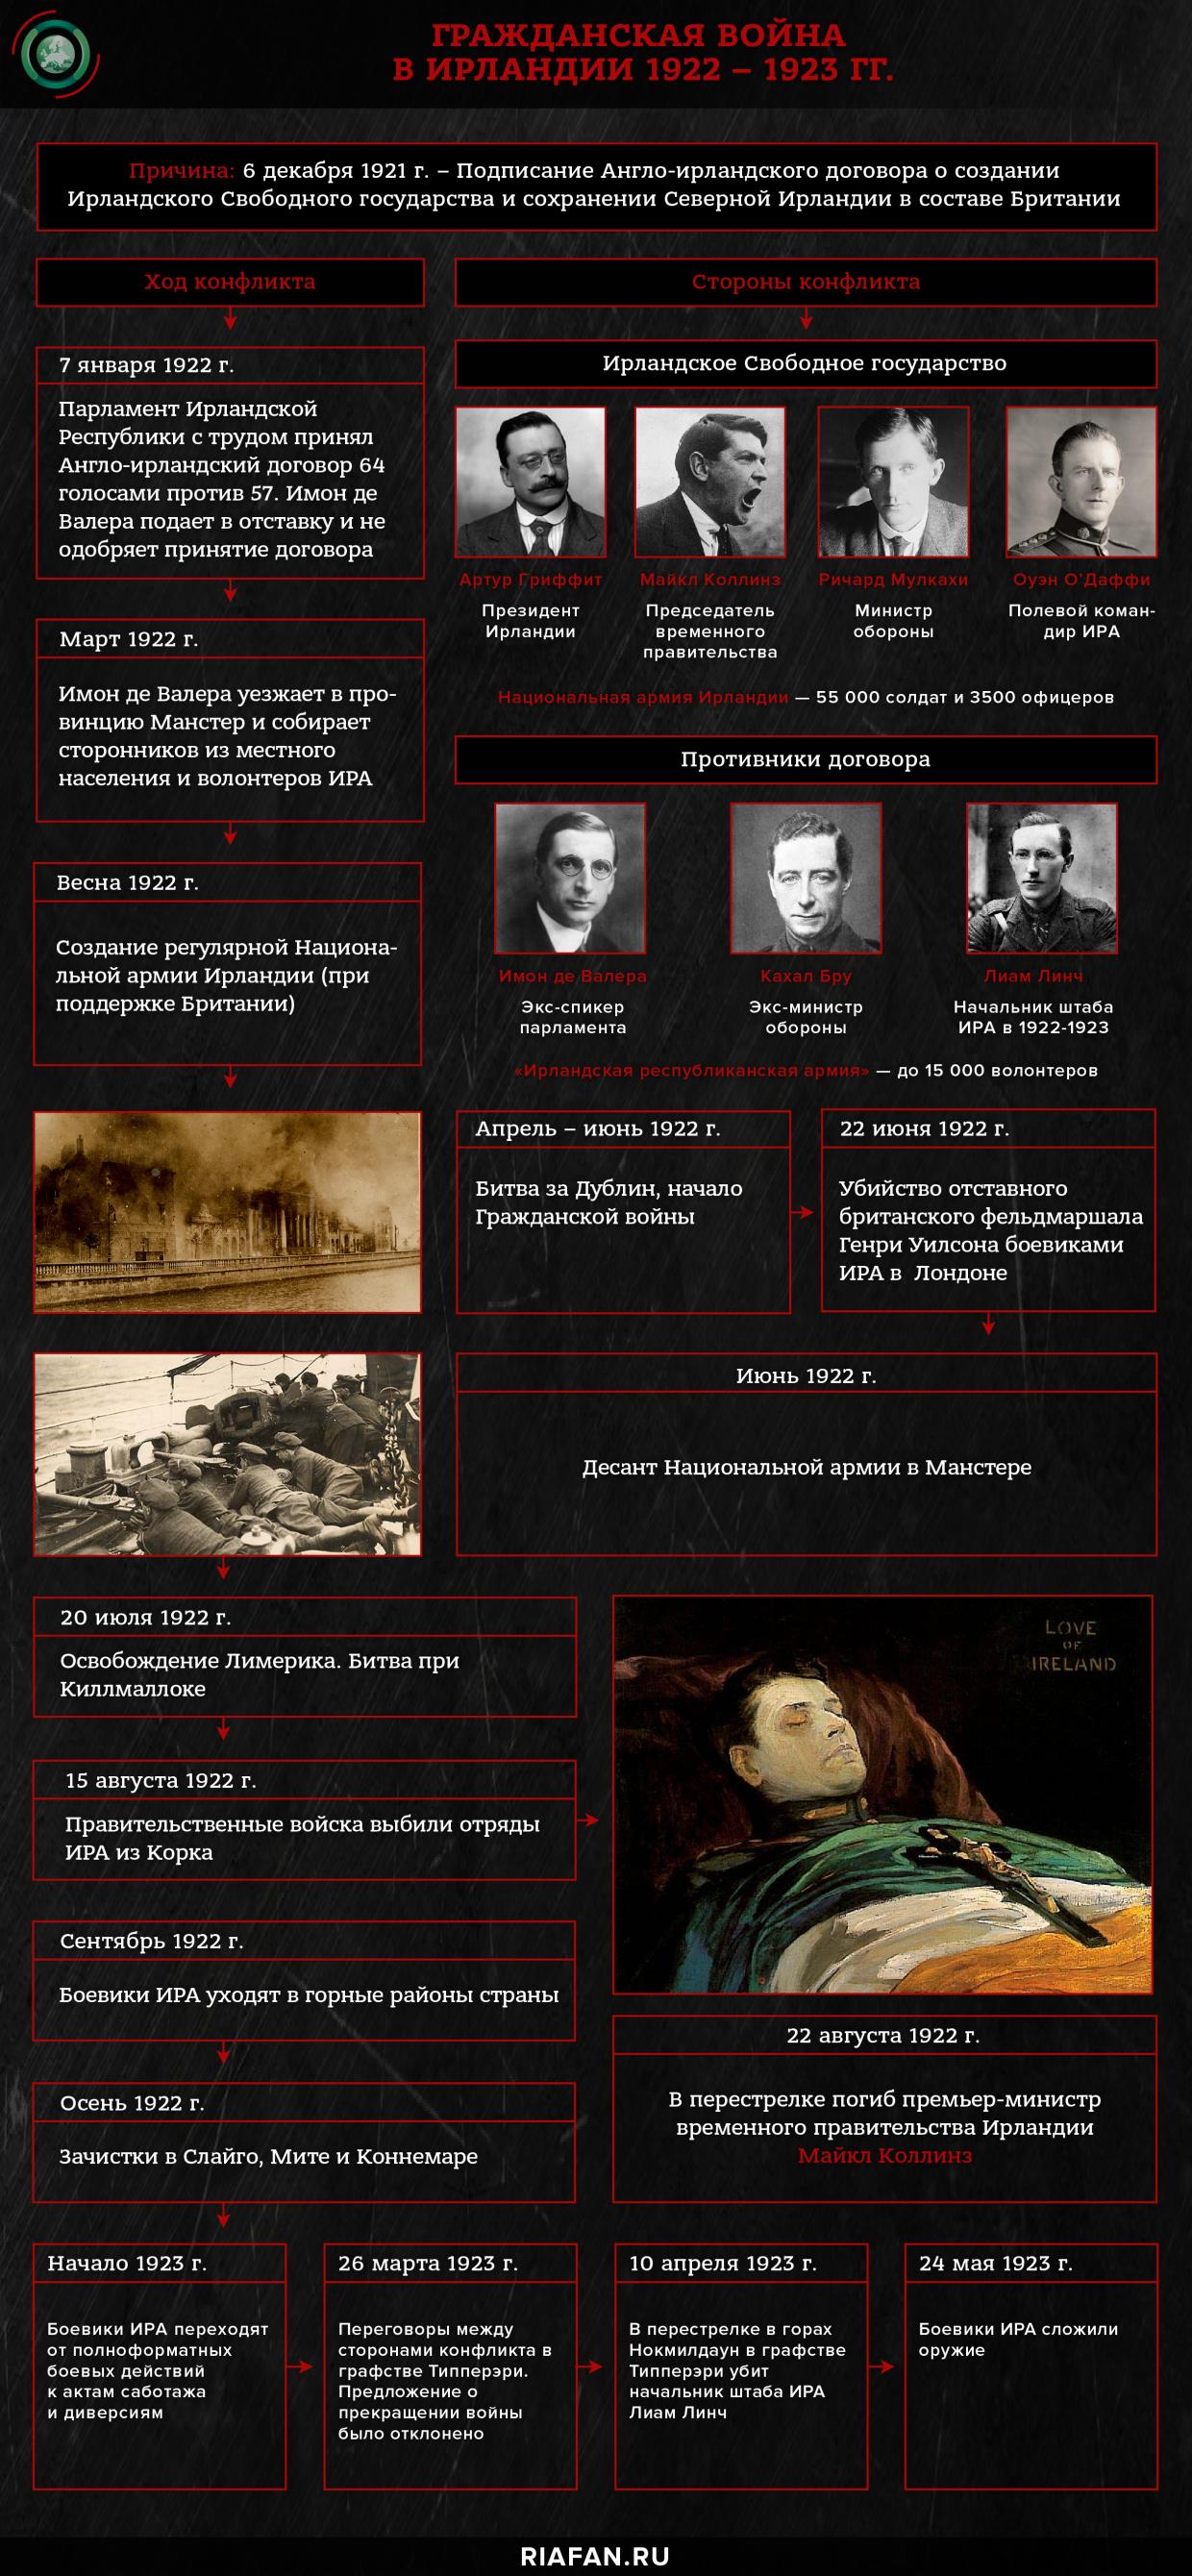 Гражданская война в Ирландии 1922 – 1923 гг.